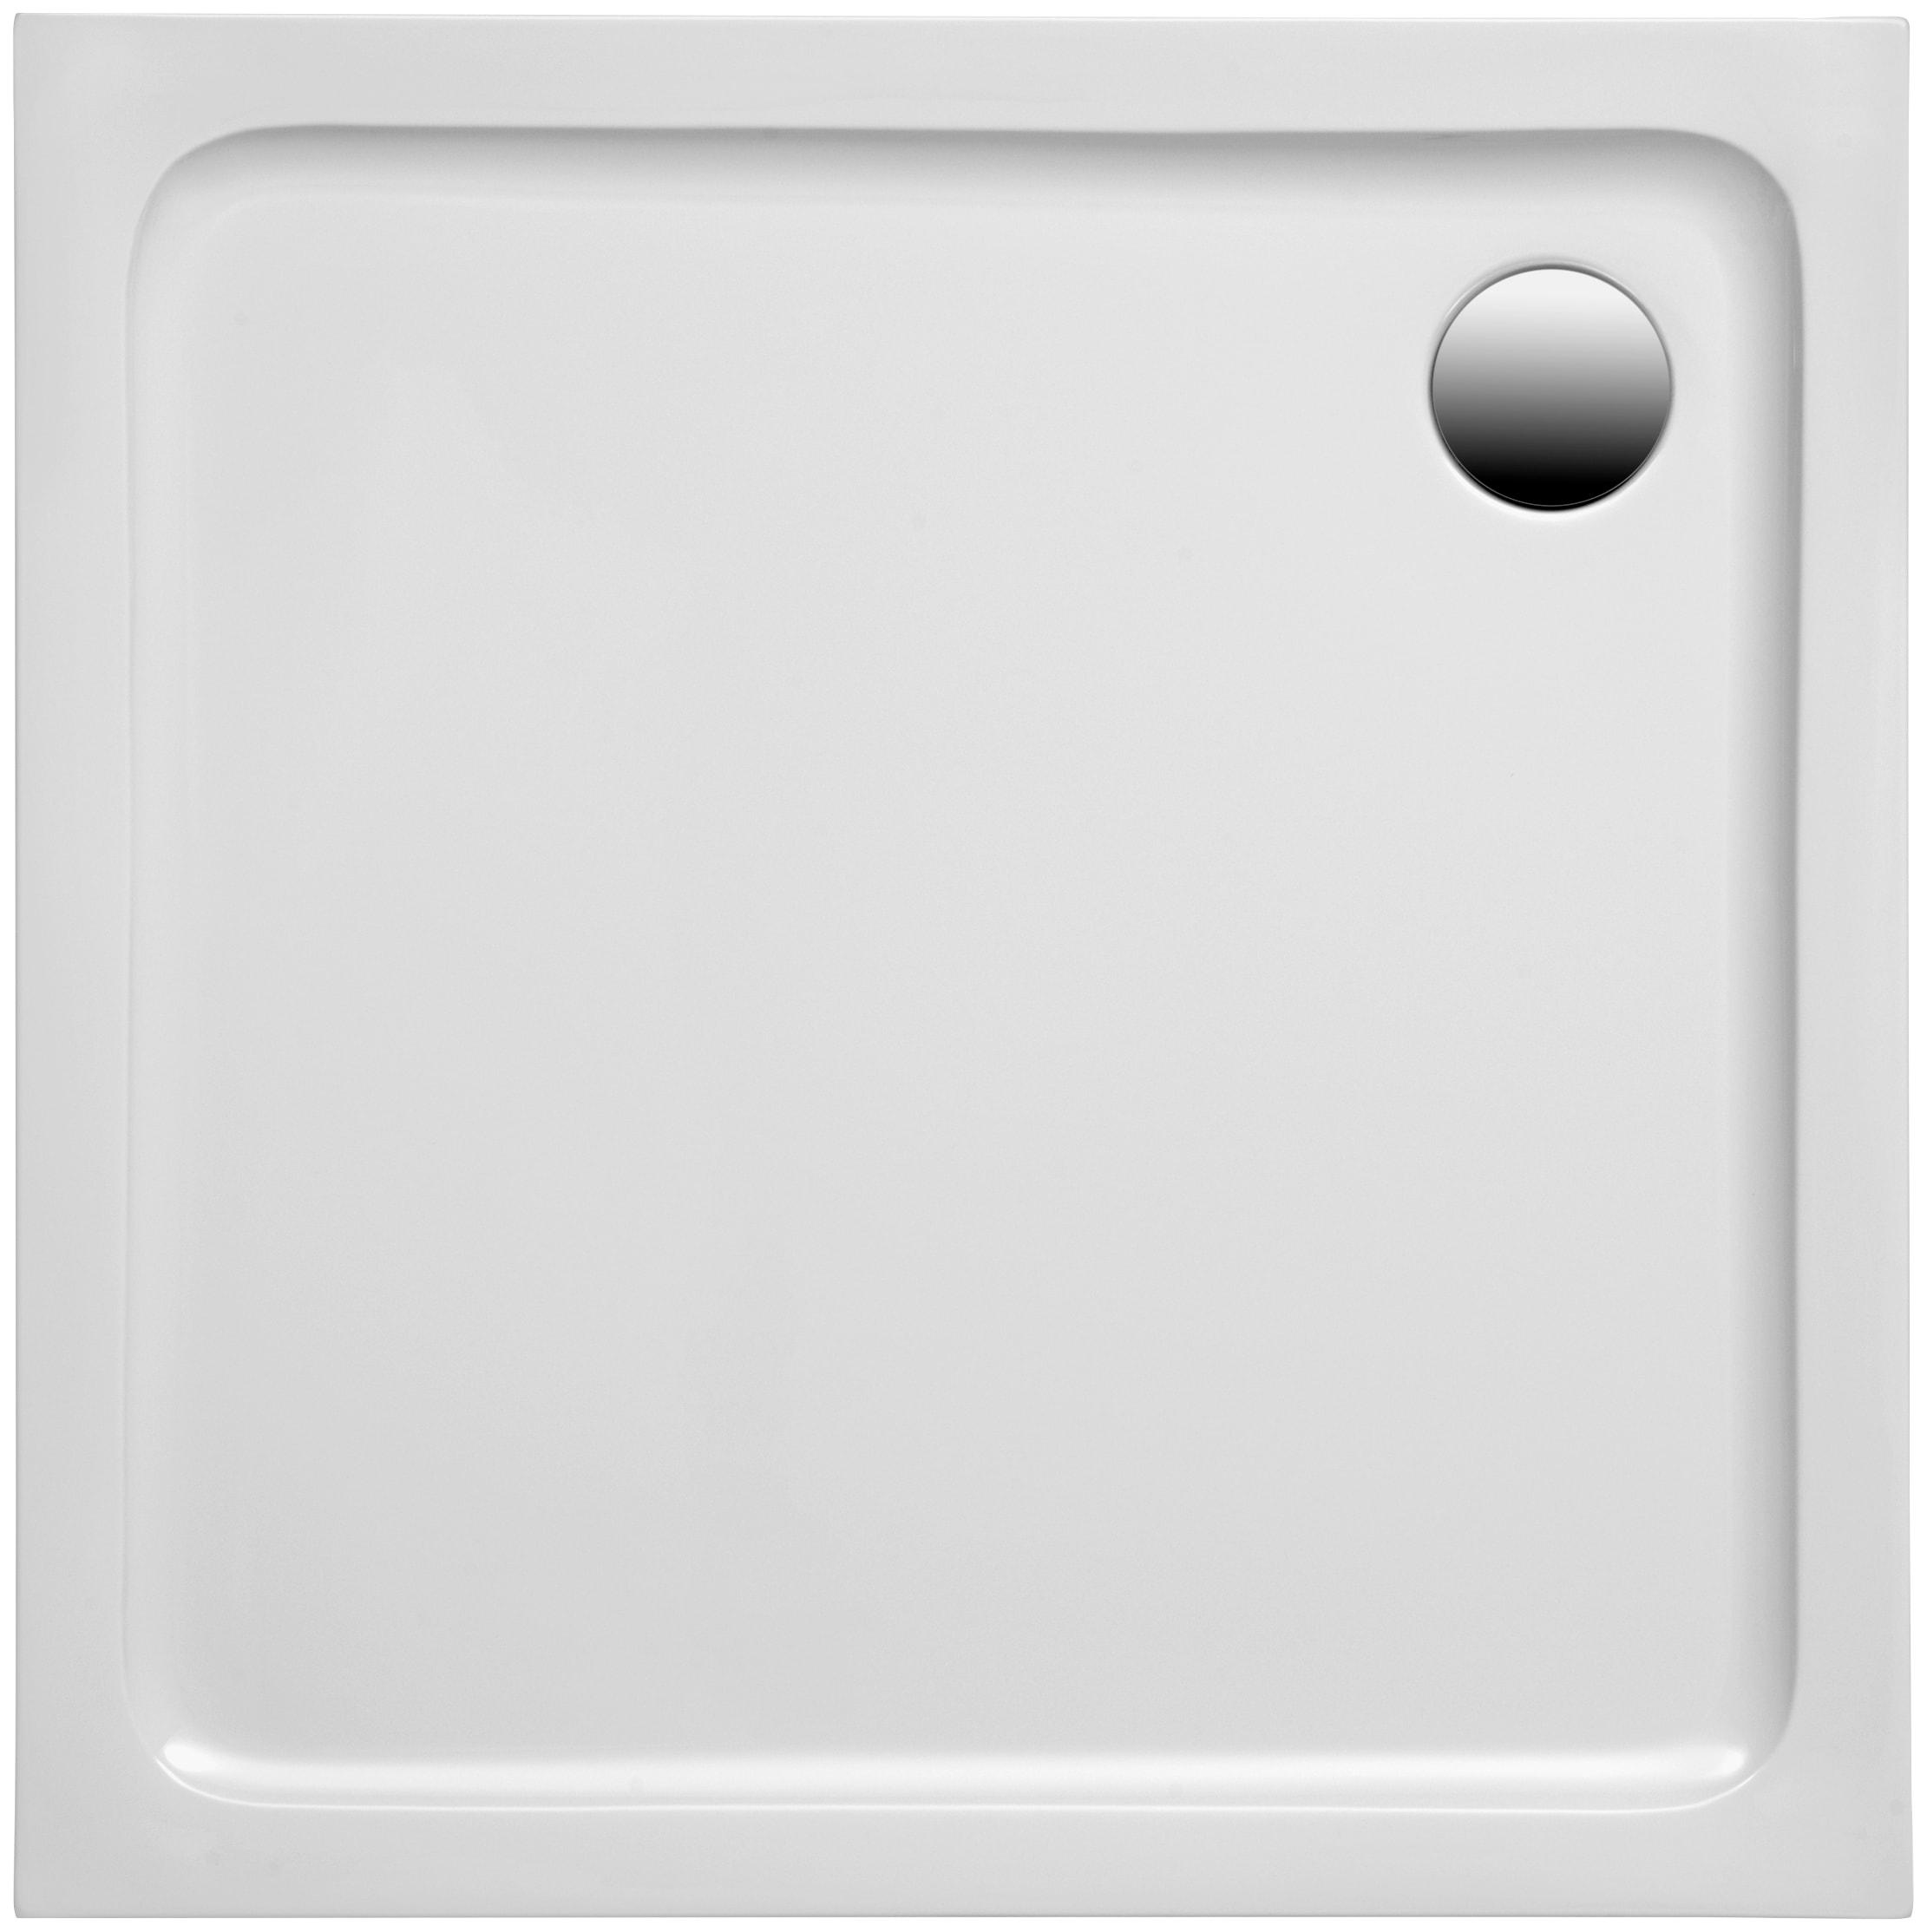 OTTOFOND Duschwanne Set Quadratische Duschwanne, 1000x1000/30 mm weiß Duschwannen Duschen Bad Sanitär